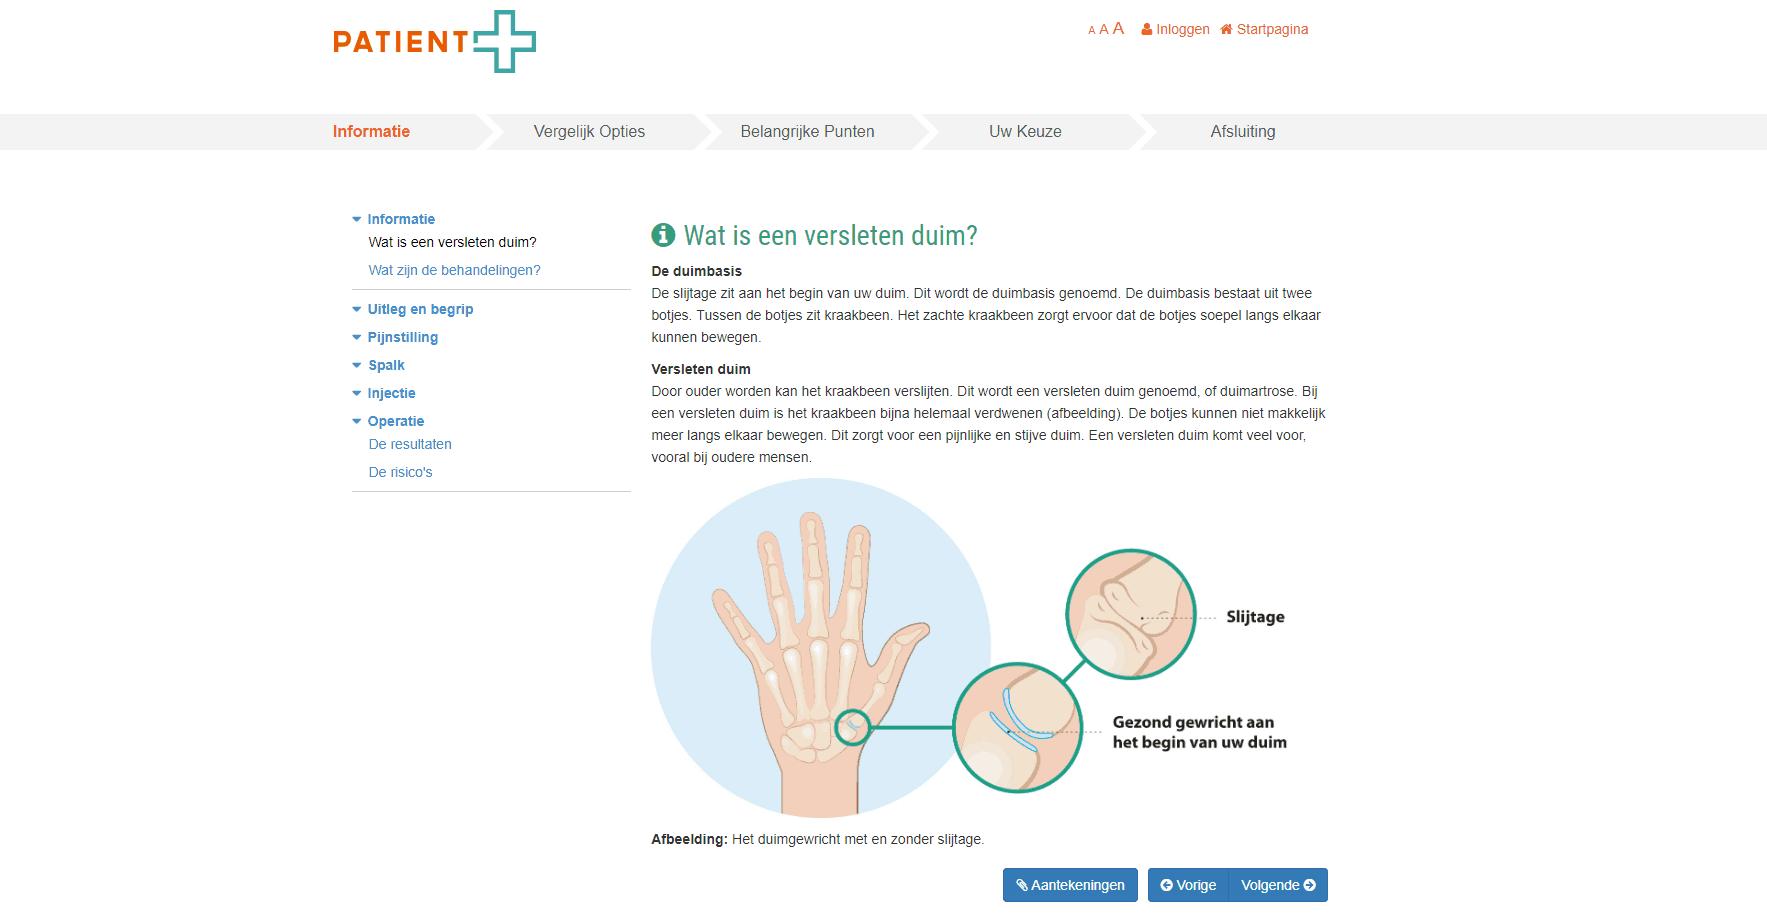 keuzehulp versleten duim duimbasis artrose